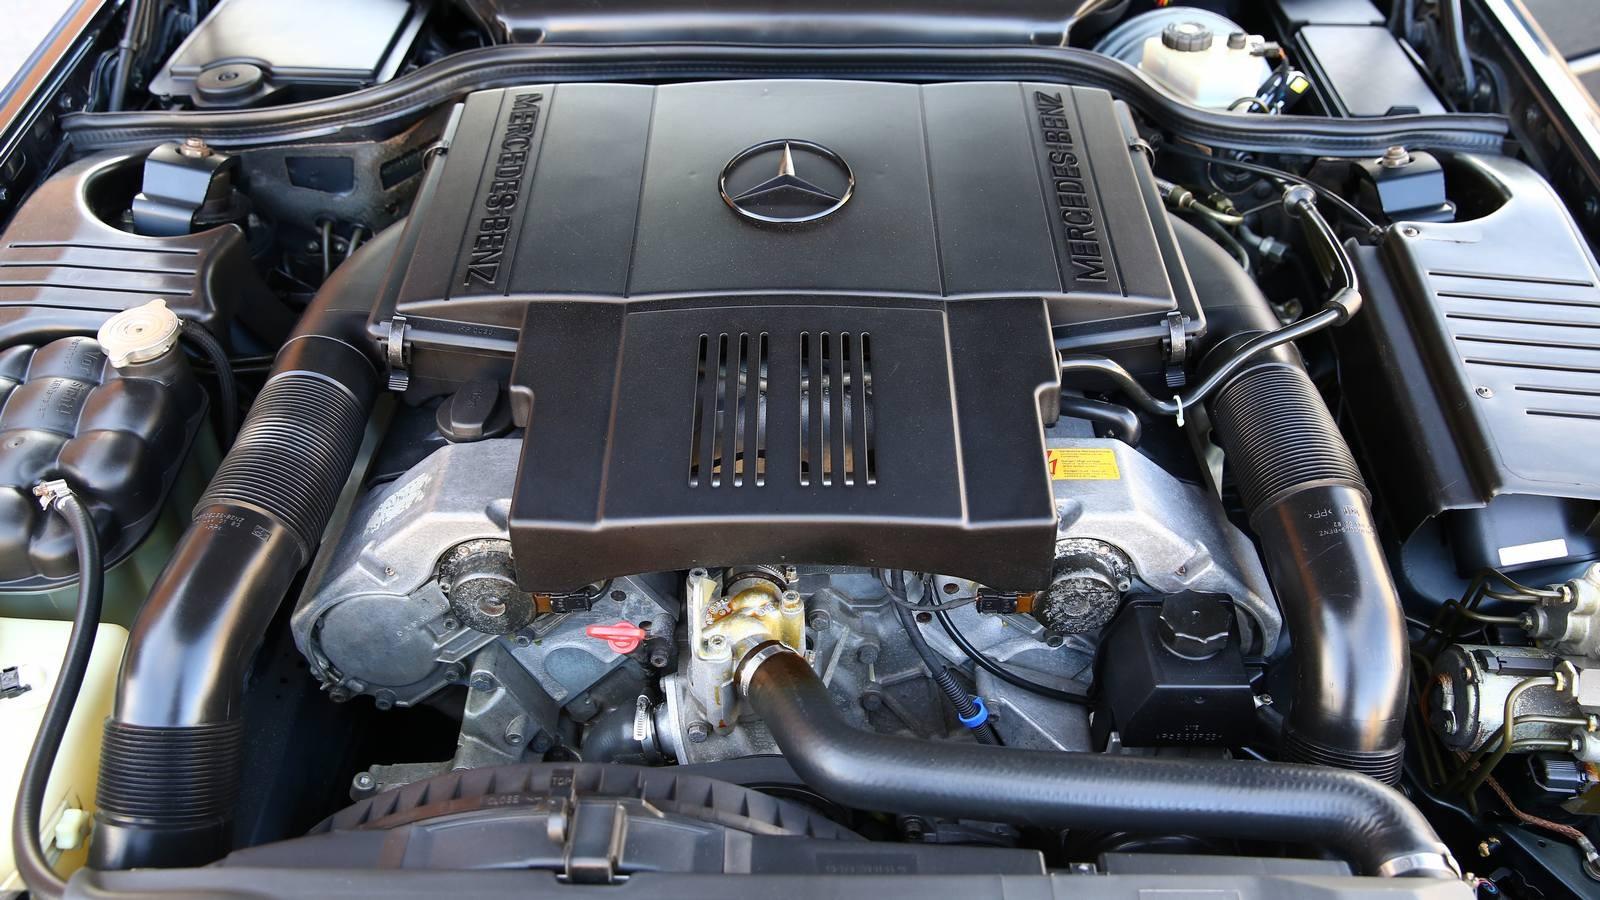 5 литров и 15 цилиндров: опыт владения Mercedes-Benz SL500 1995 года